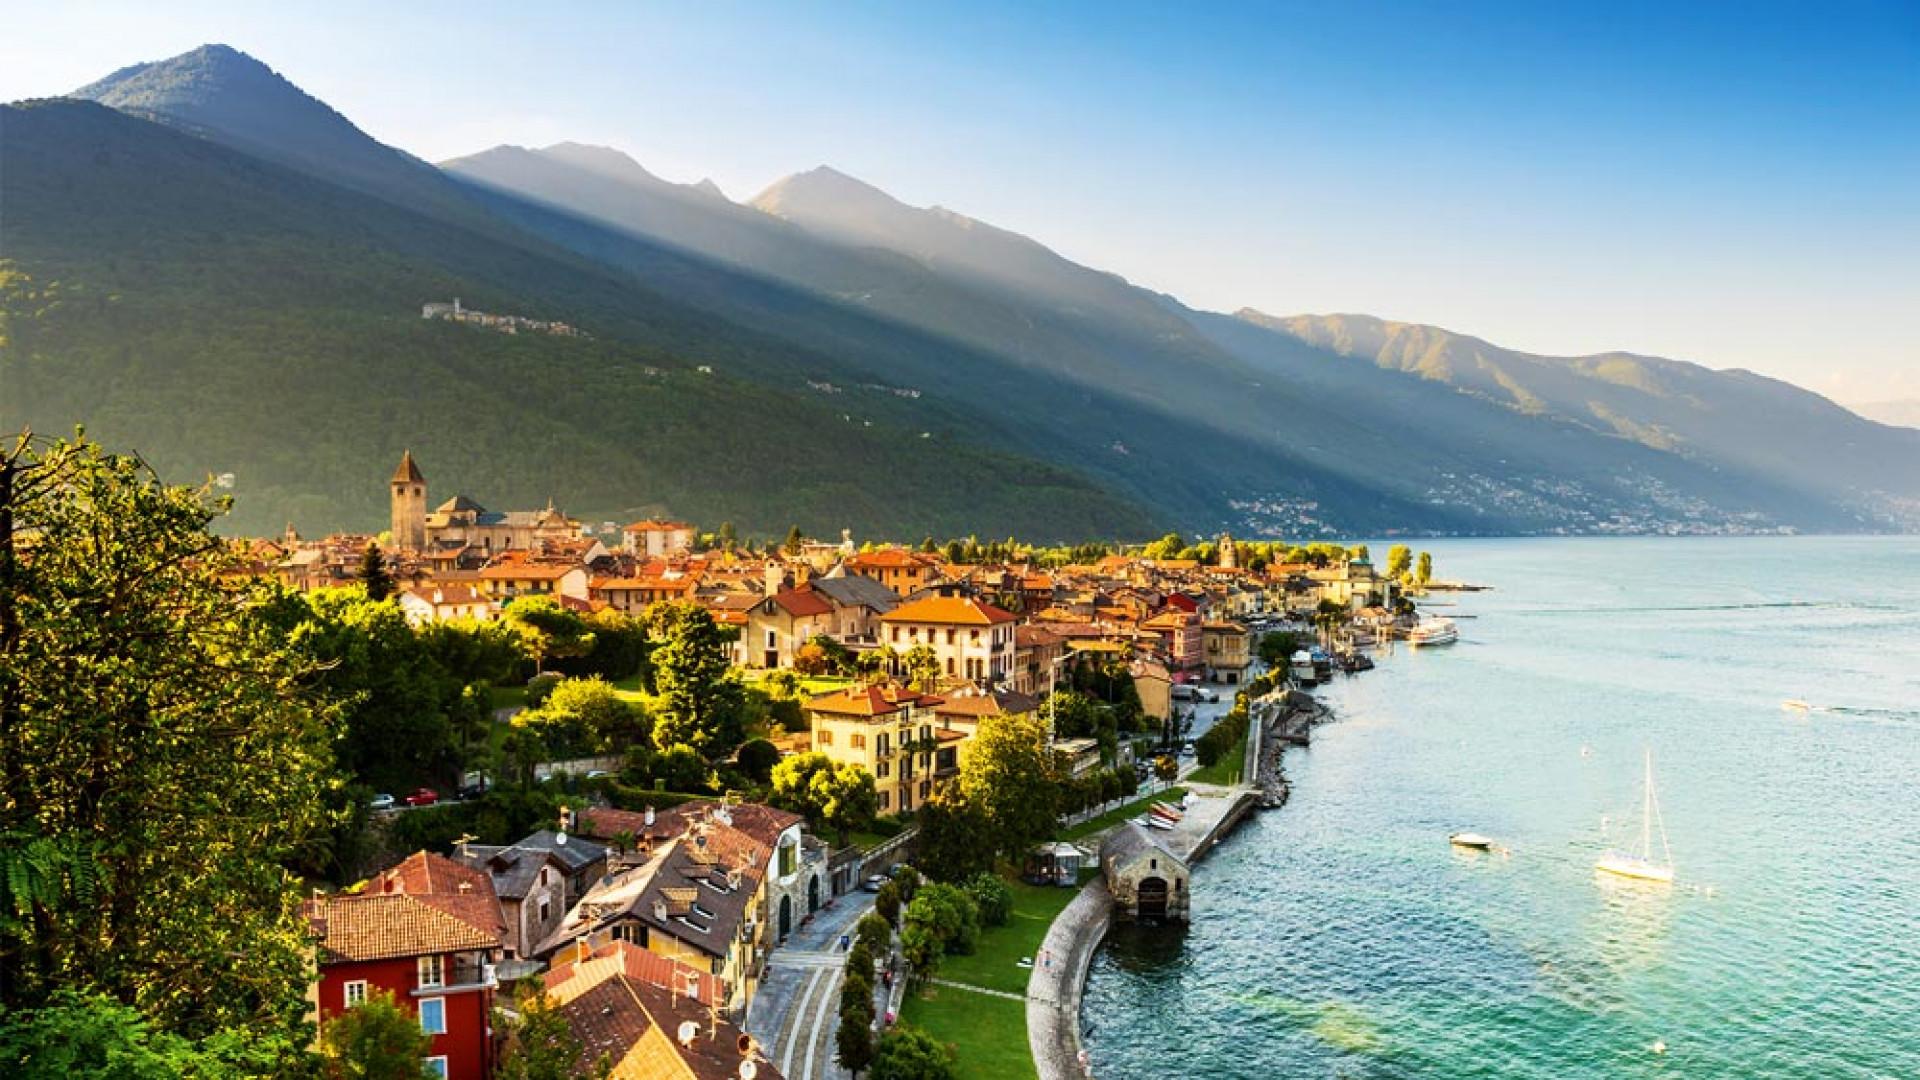 Cannobio, Verbano-Cusio-Ossola, Lake Maggiore